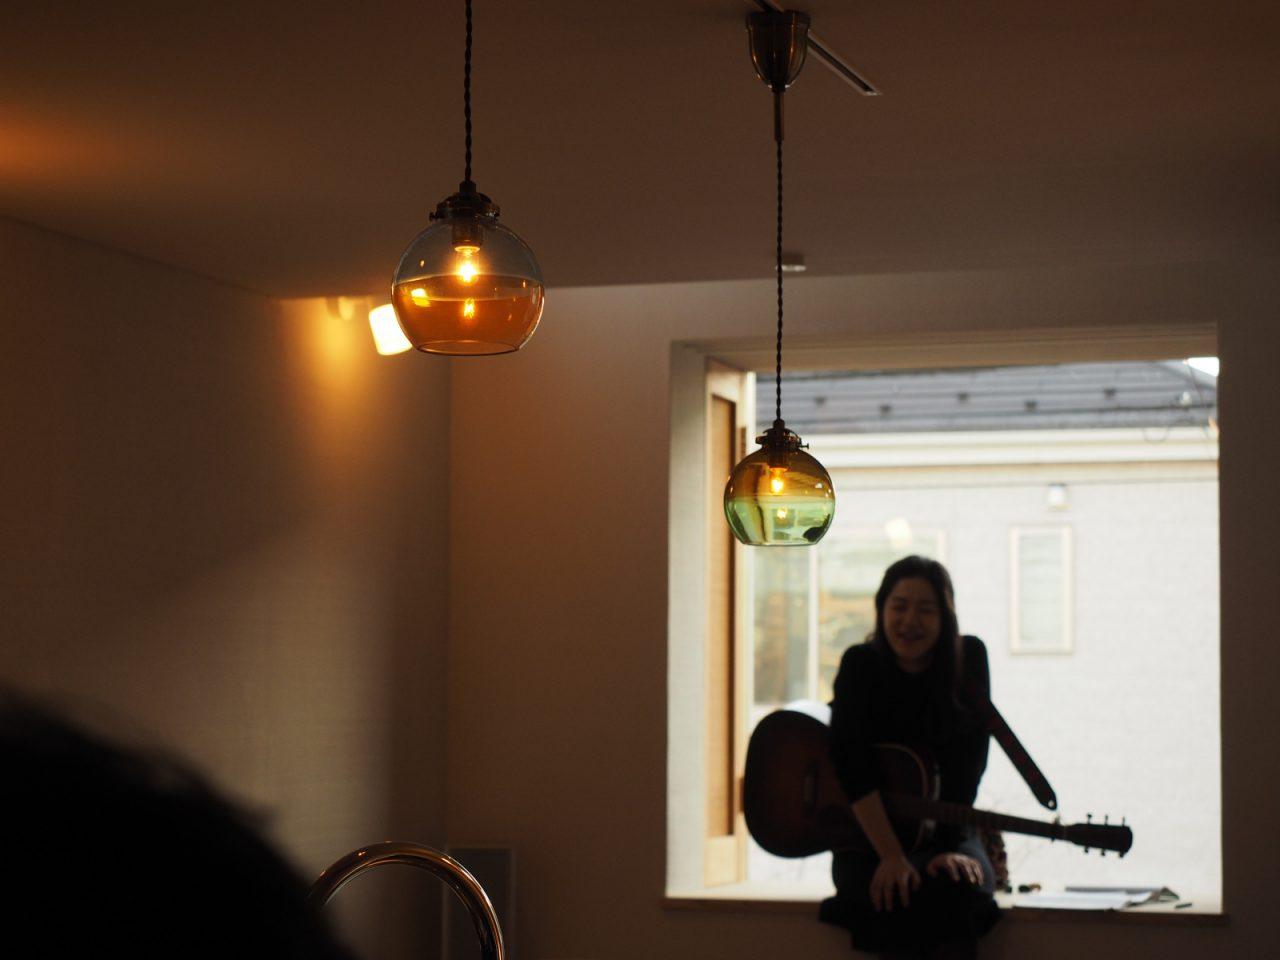 出窓に腰掛けてアコースティックギターの弾き語りをする池間由布子さん。